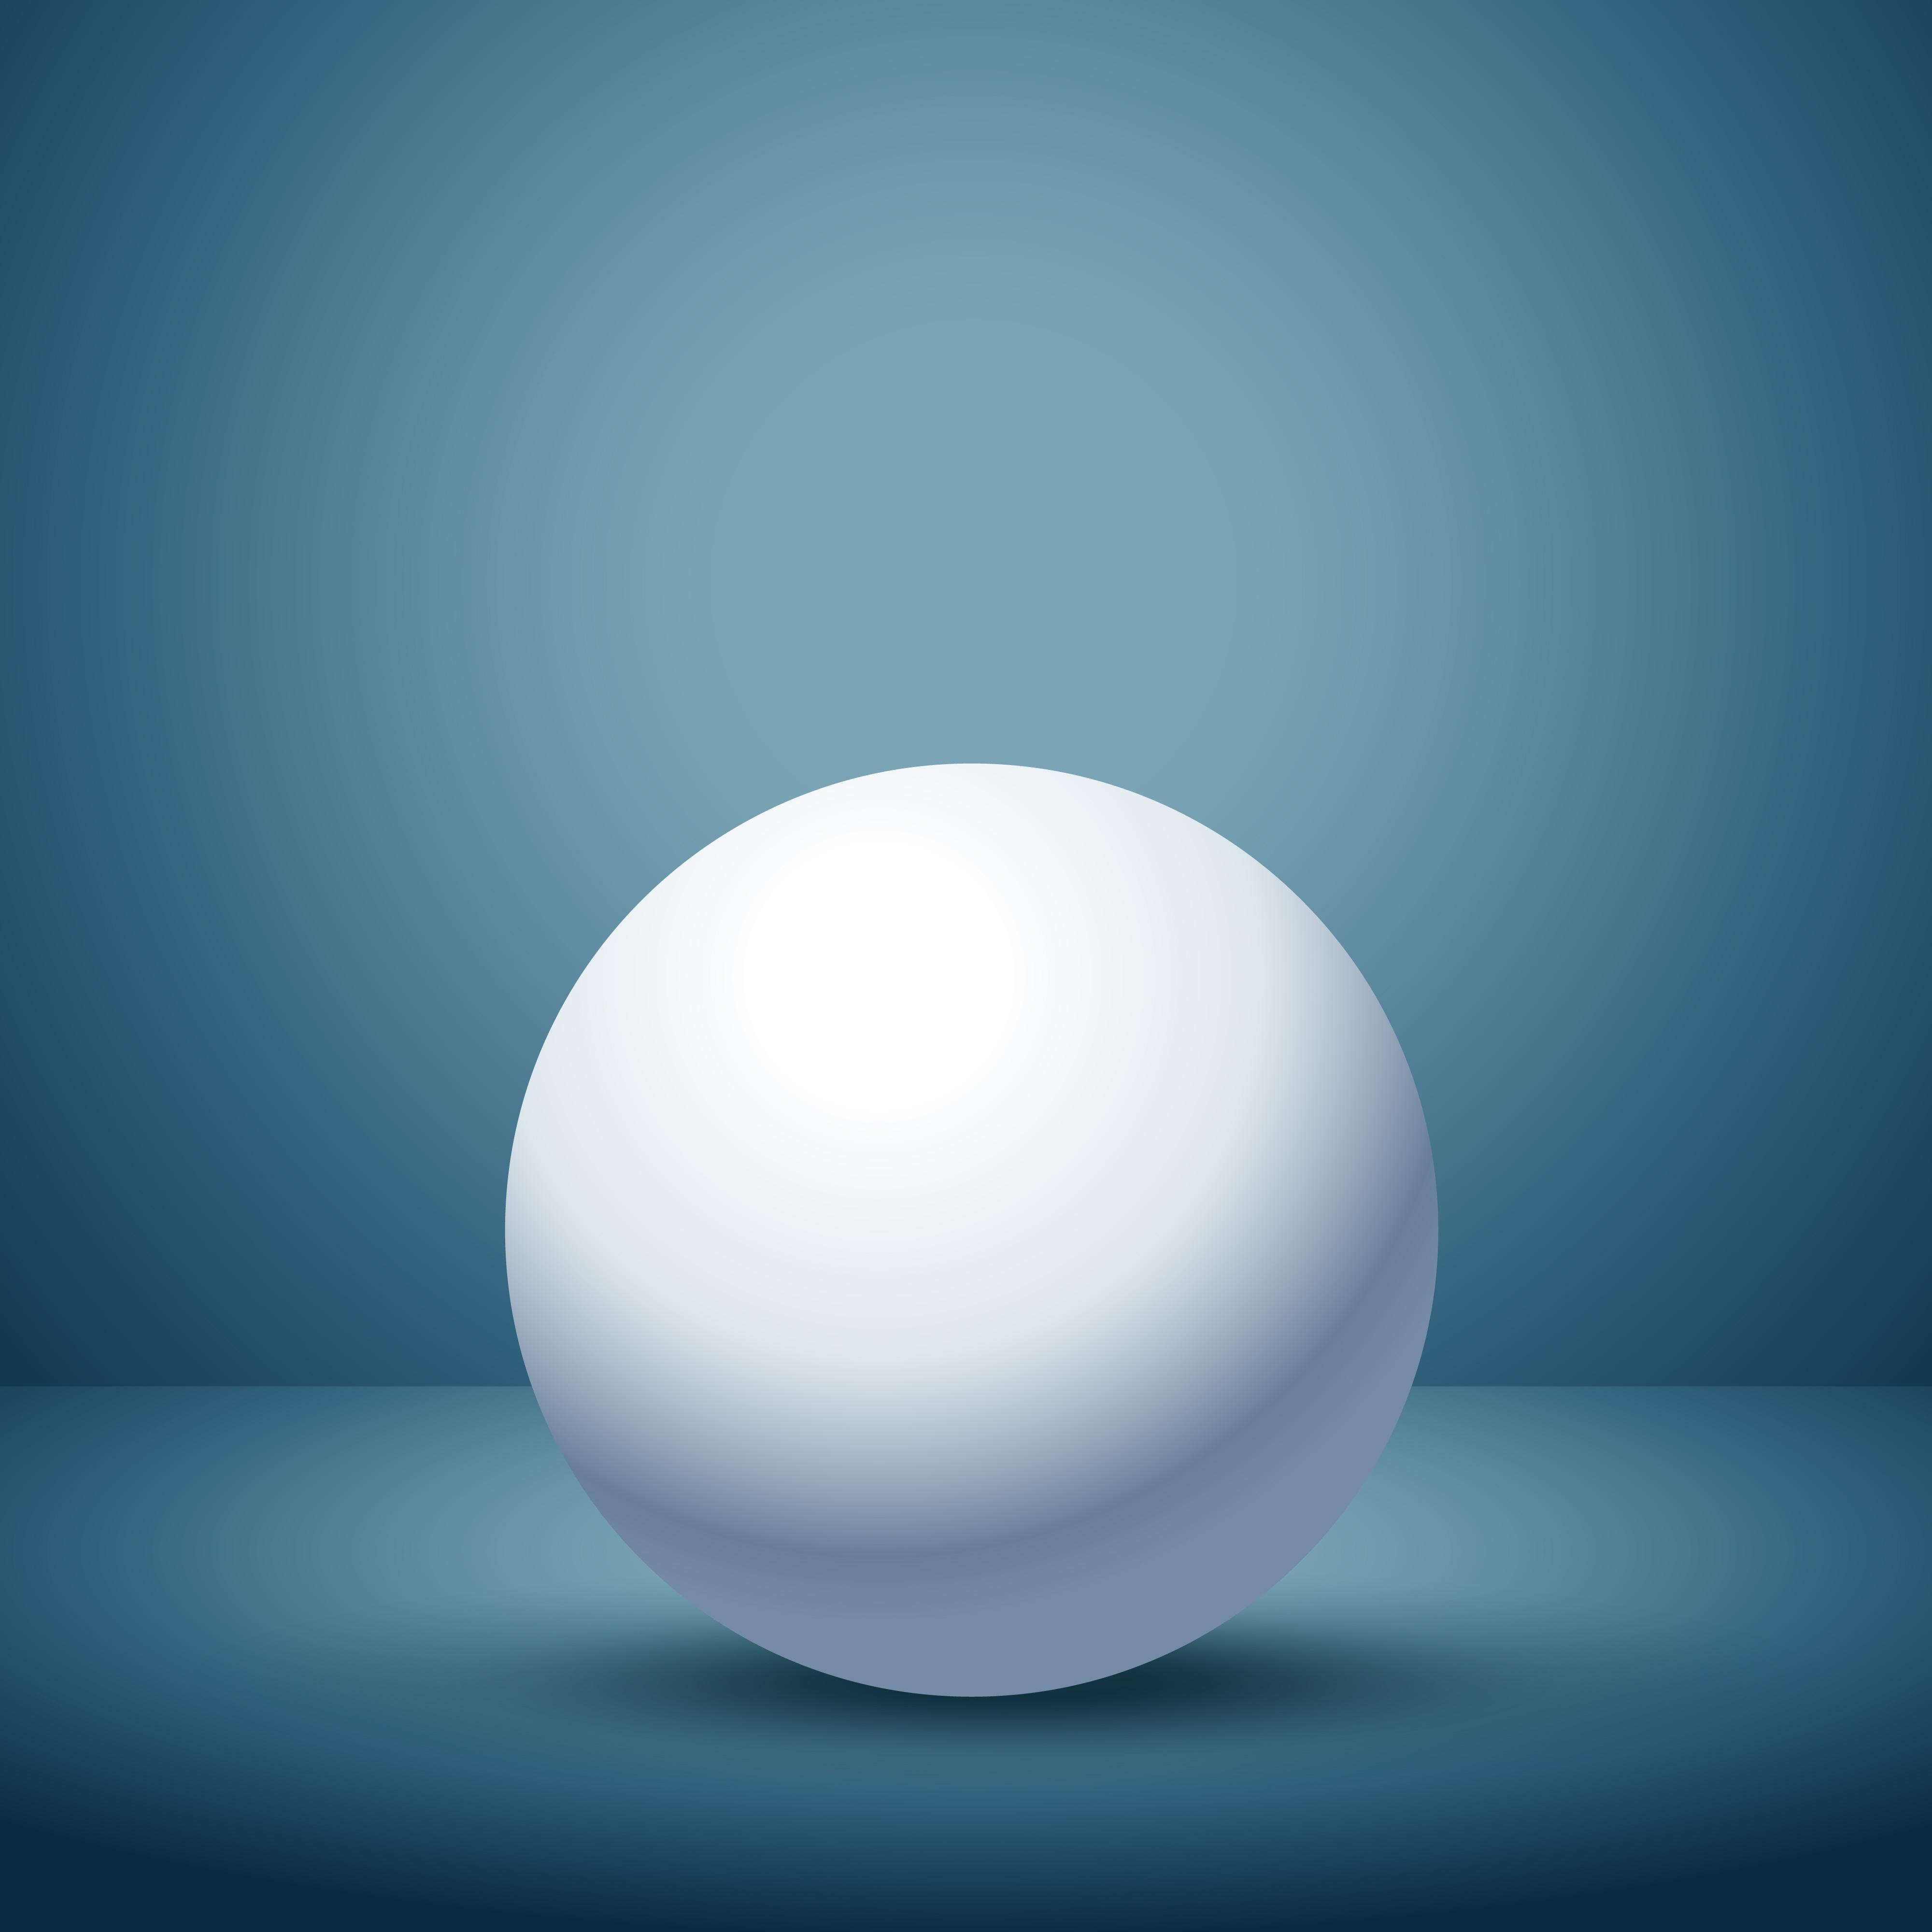 3d Sphere In Empty Clean Room Download Free Vector Art